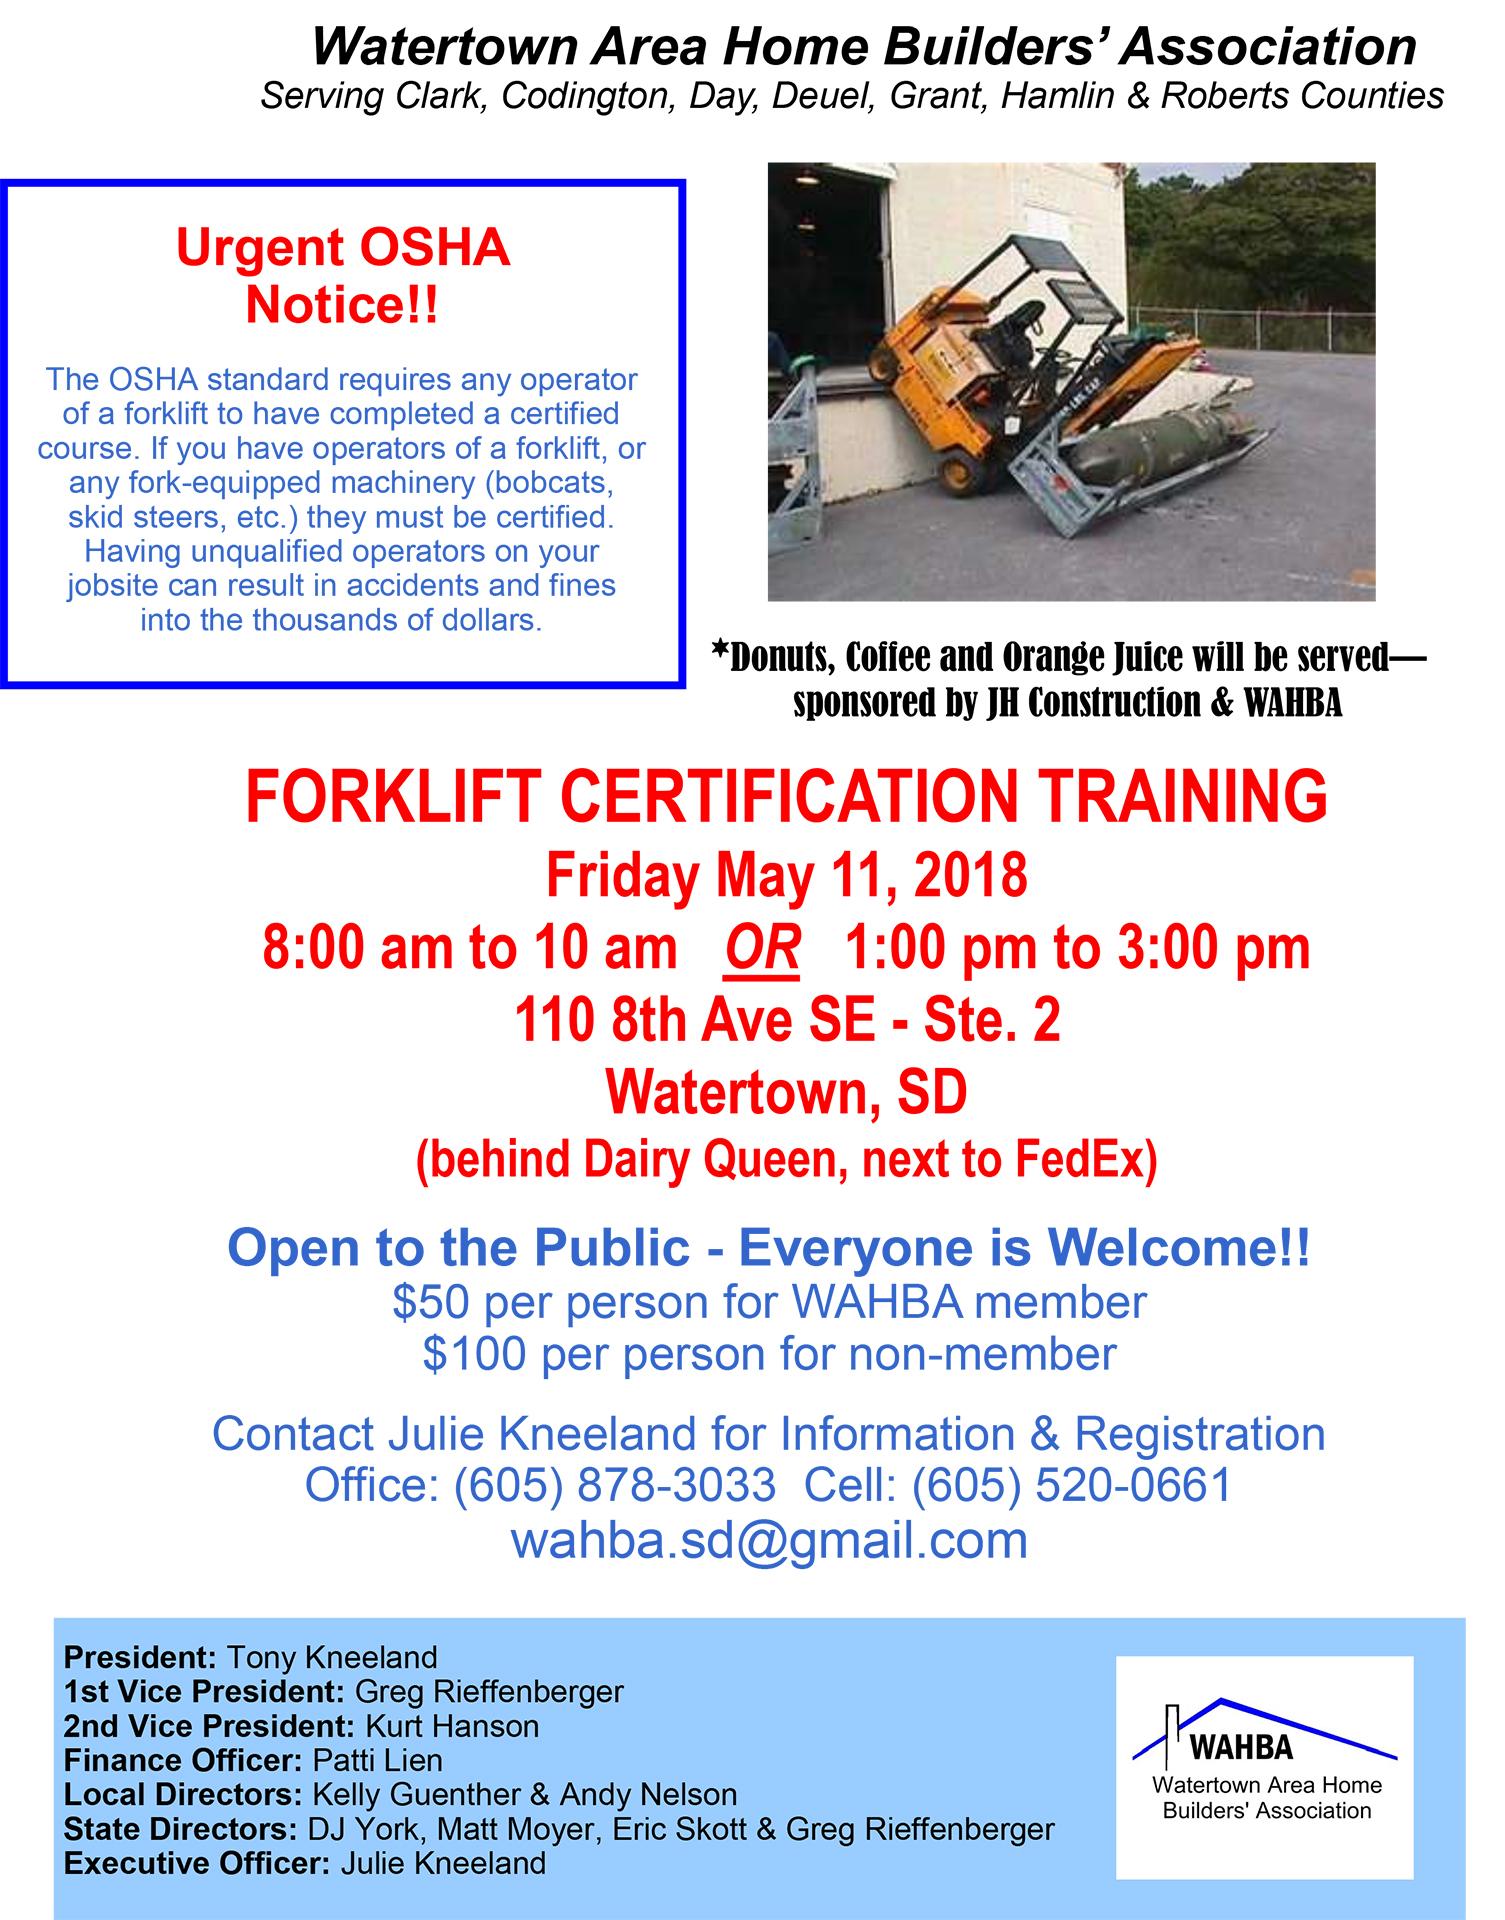 2018 Forklift Certification Training Flyer.jpg